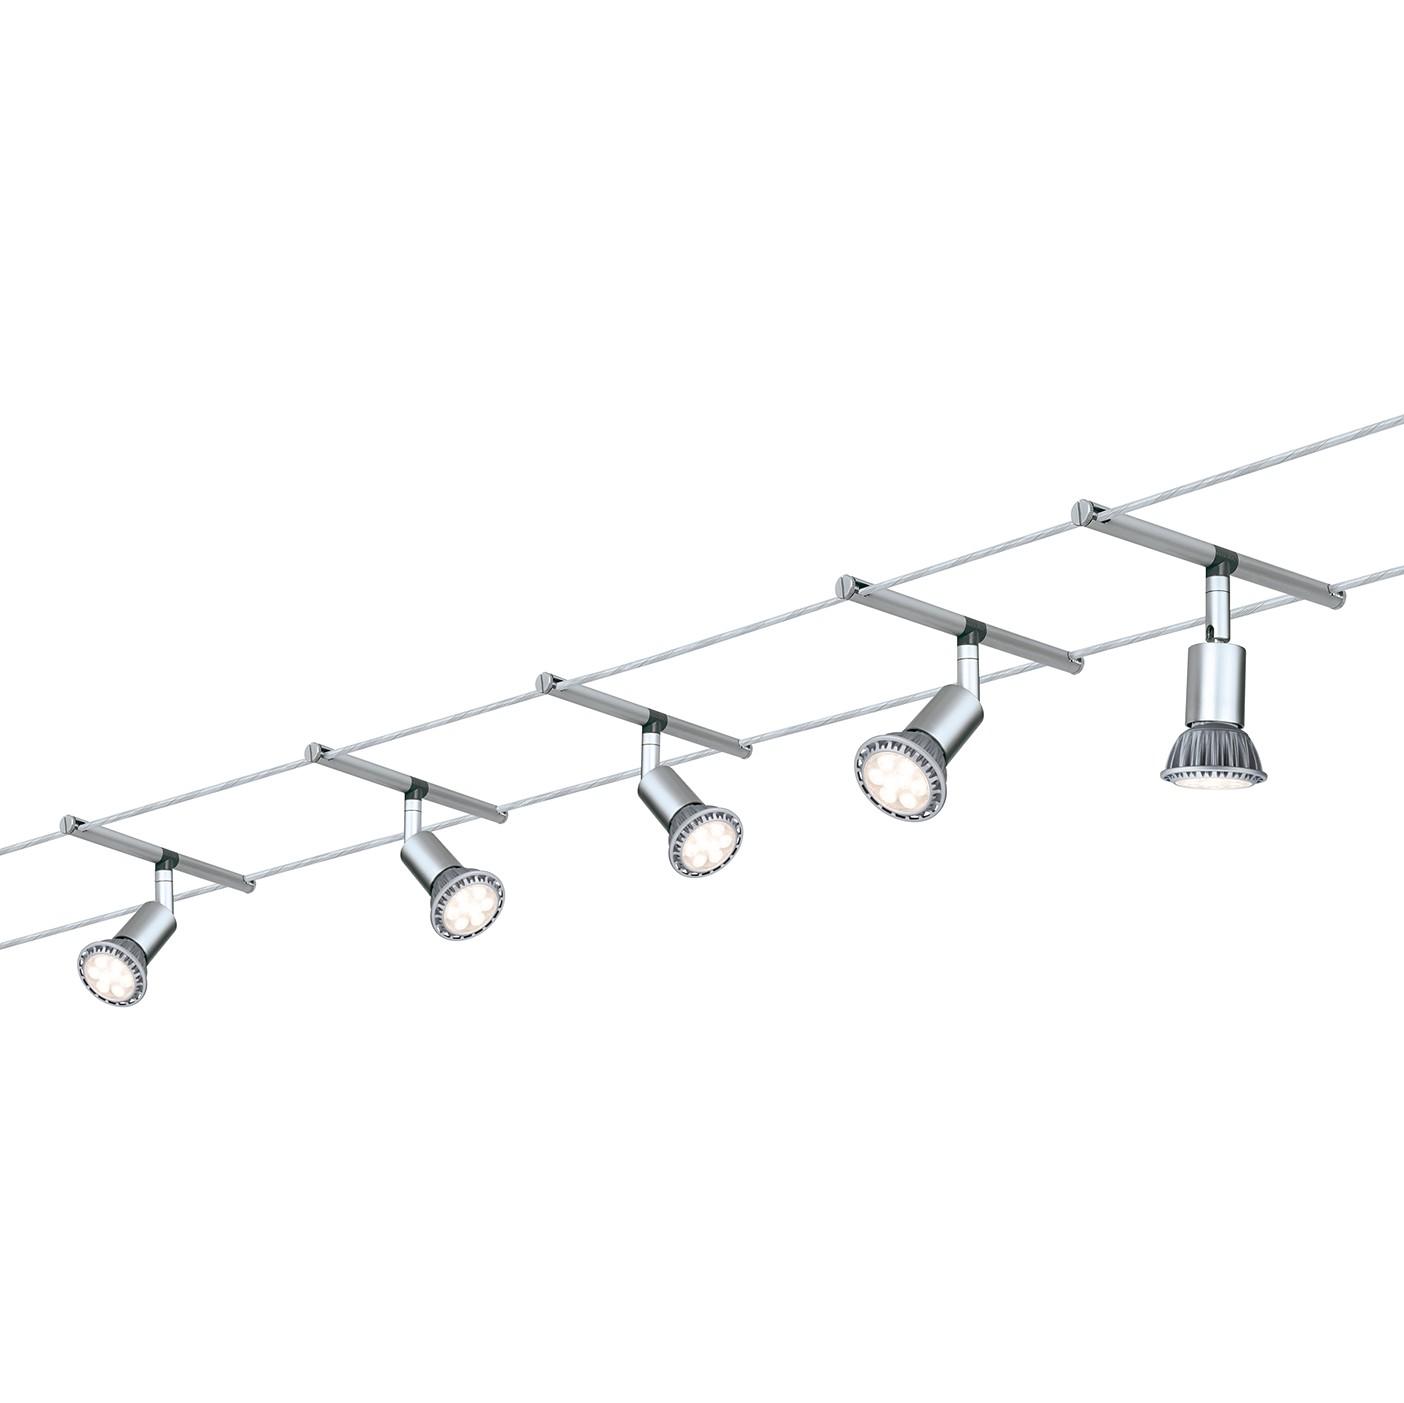 home24 Seilsystem Salt   Lampen > Strahler und Systeme > Seilsysteme